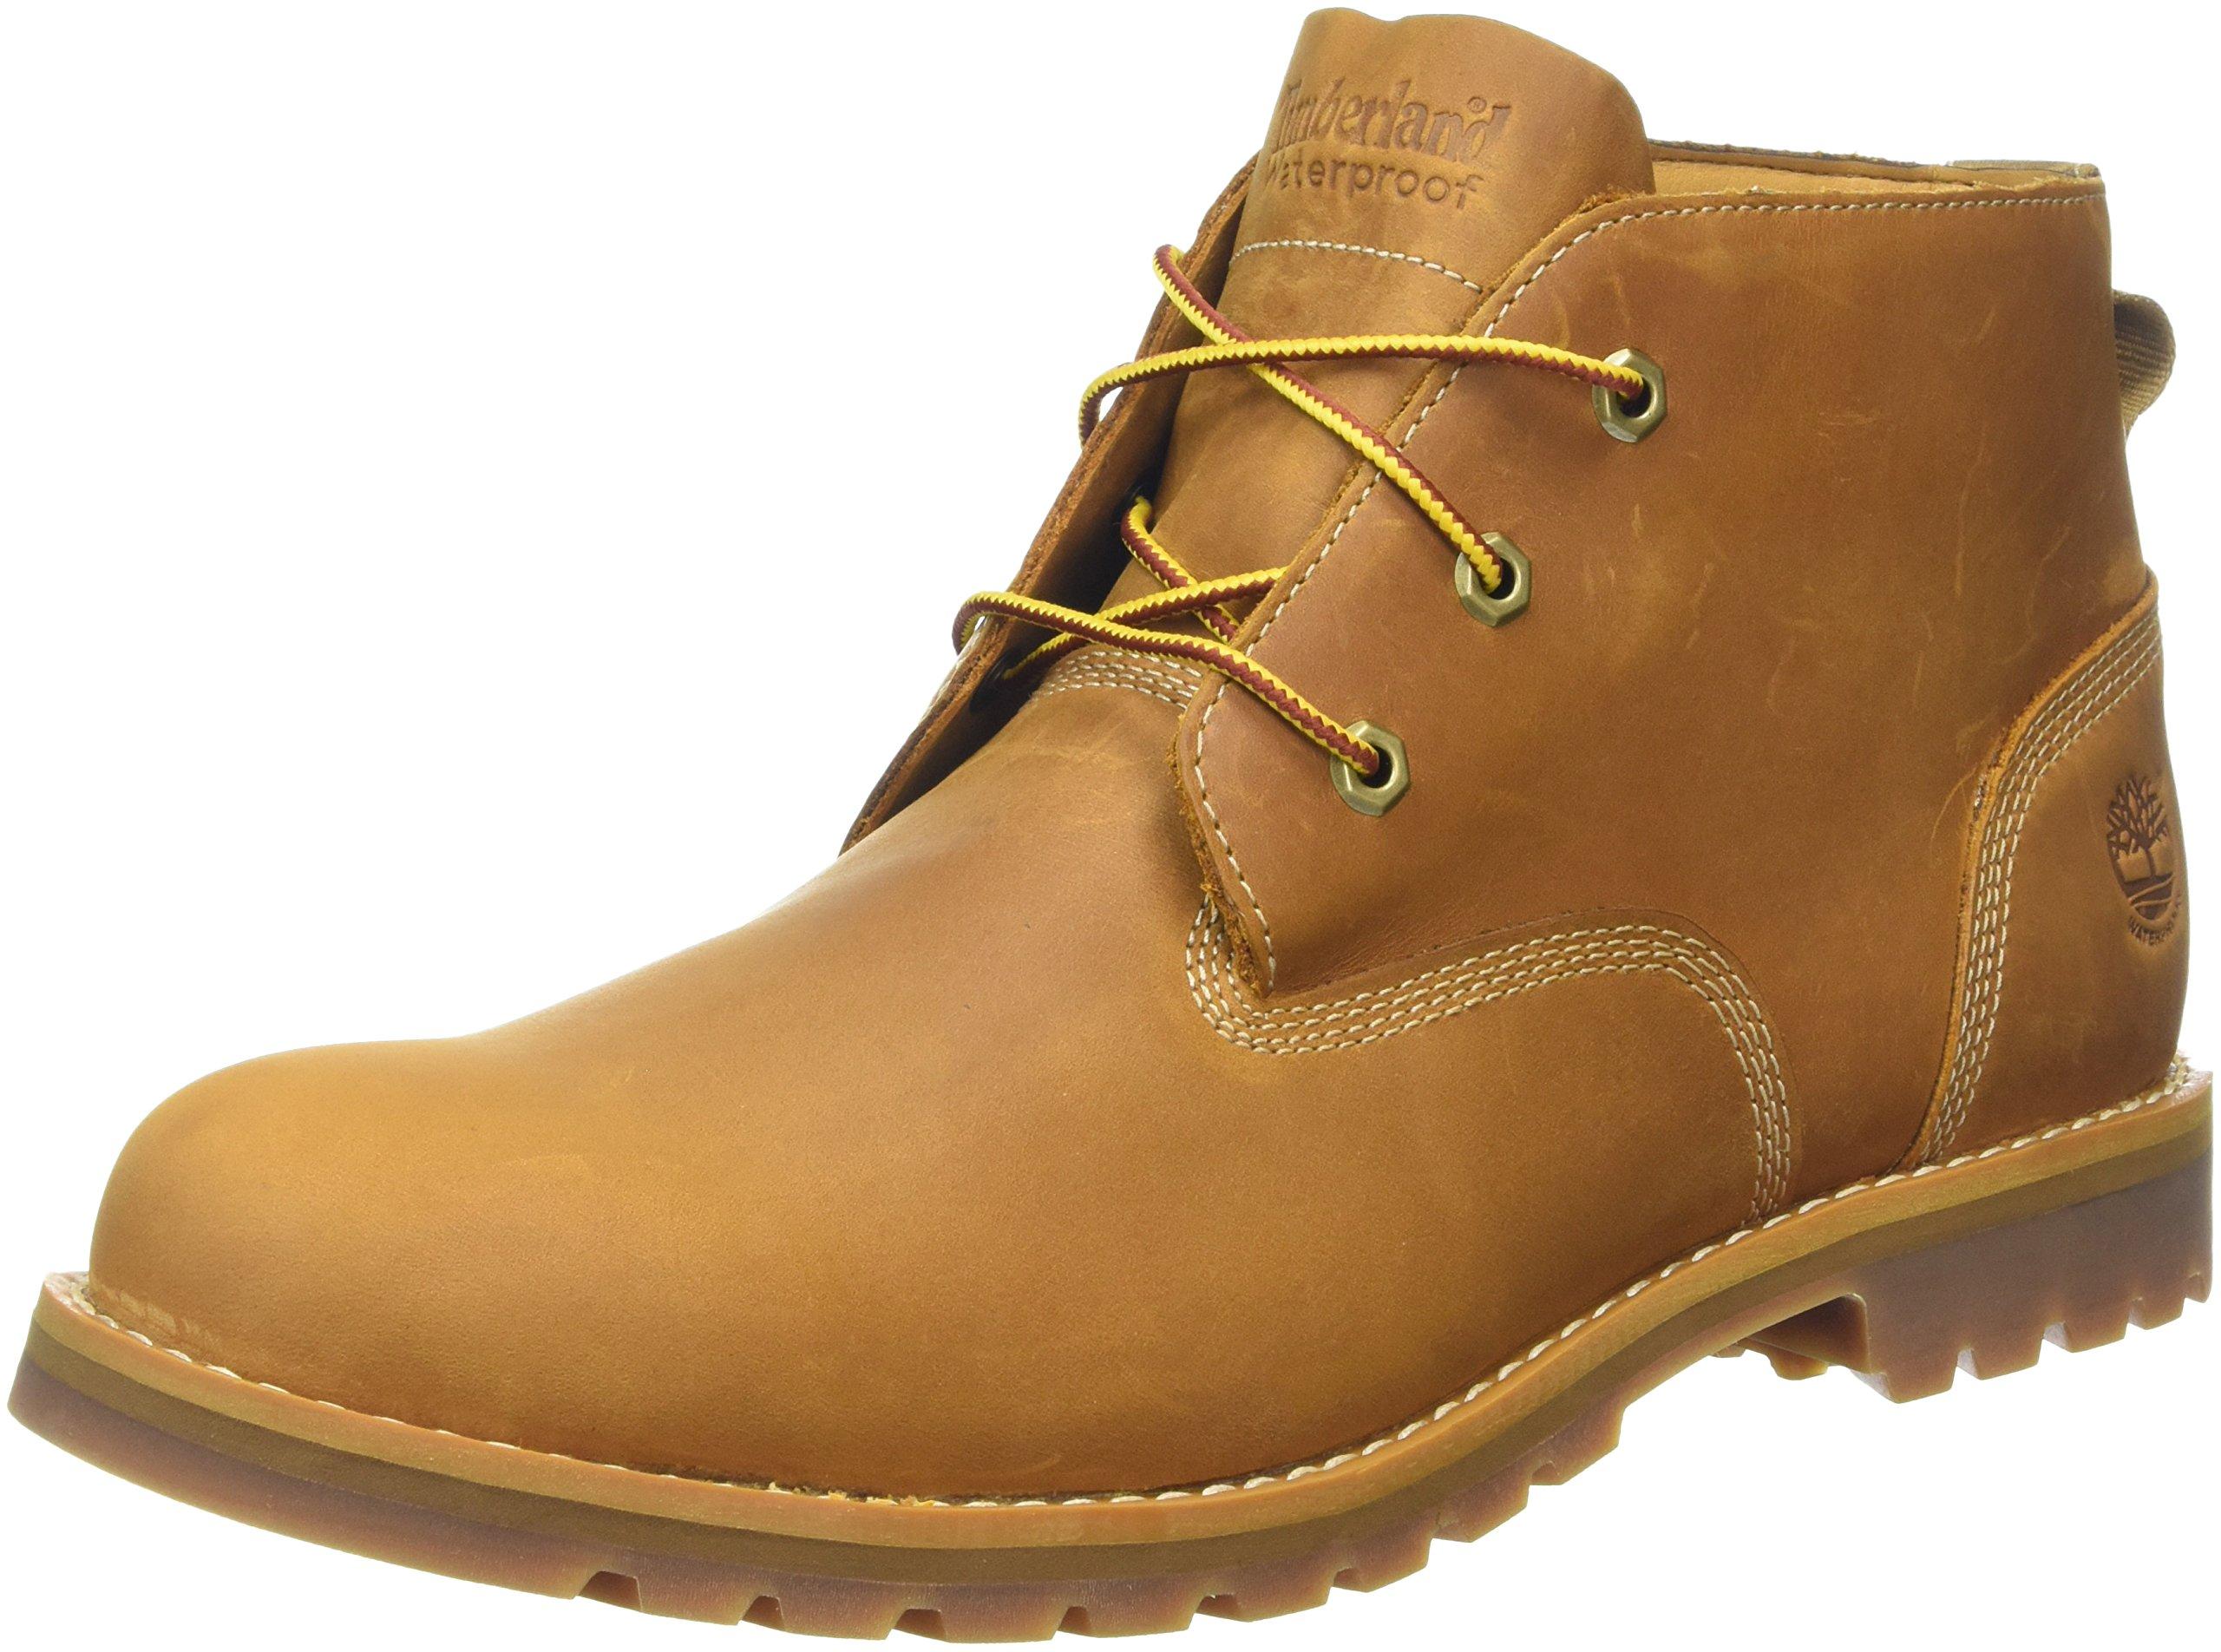 Timberland Mens Wheat Larchmont Waterproof Chukka Boots Size 12